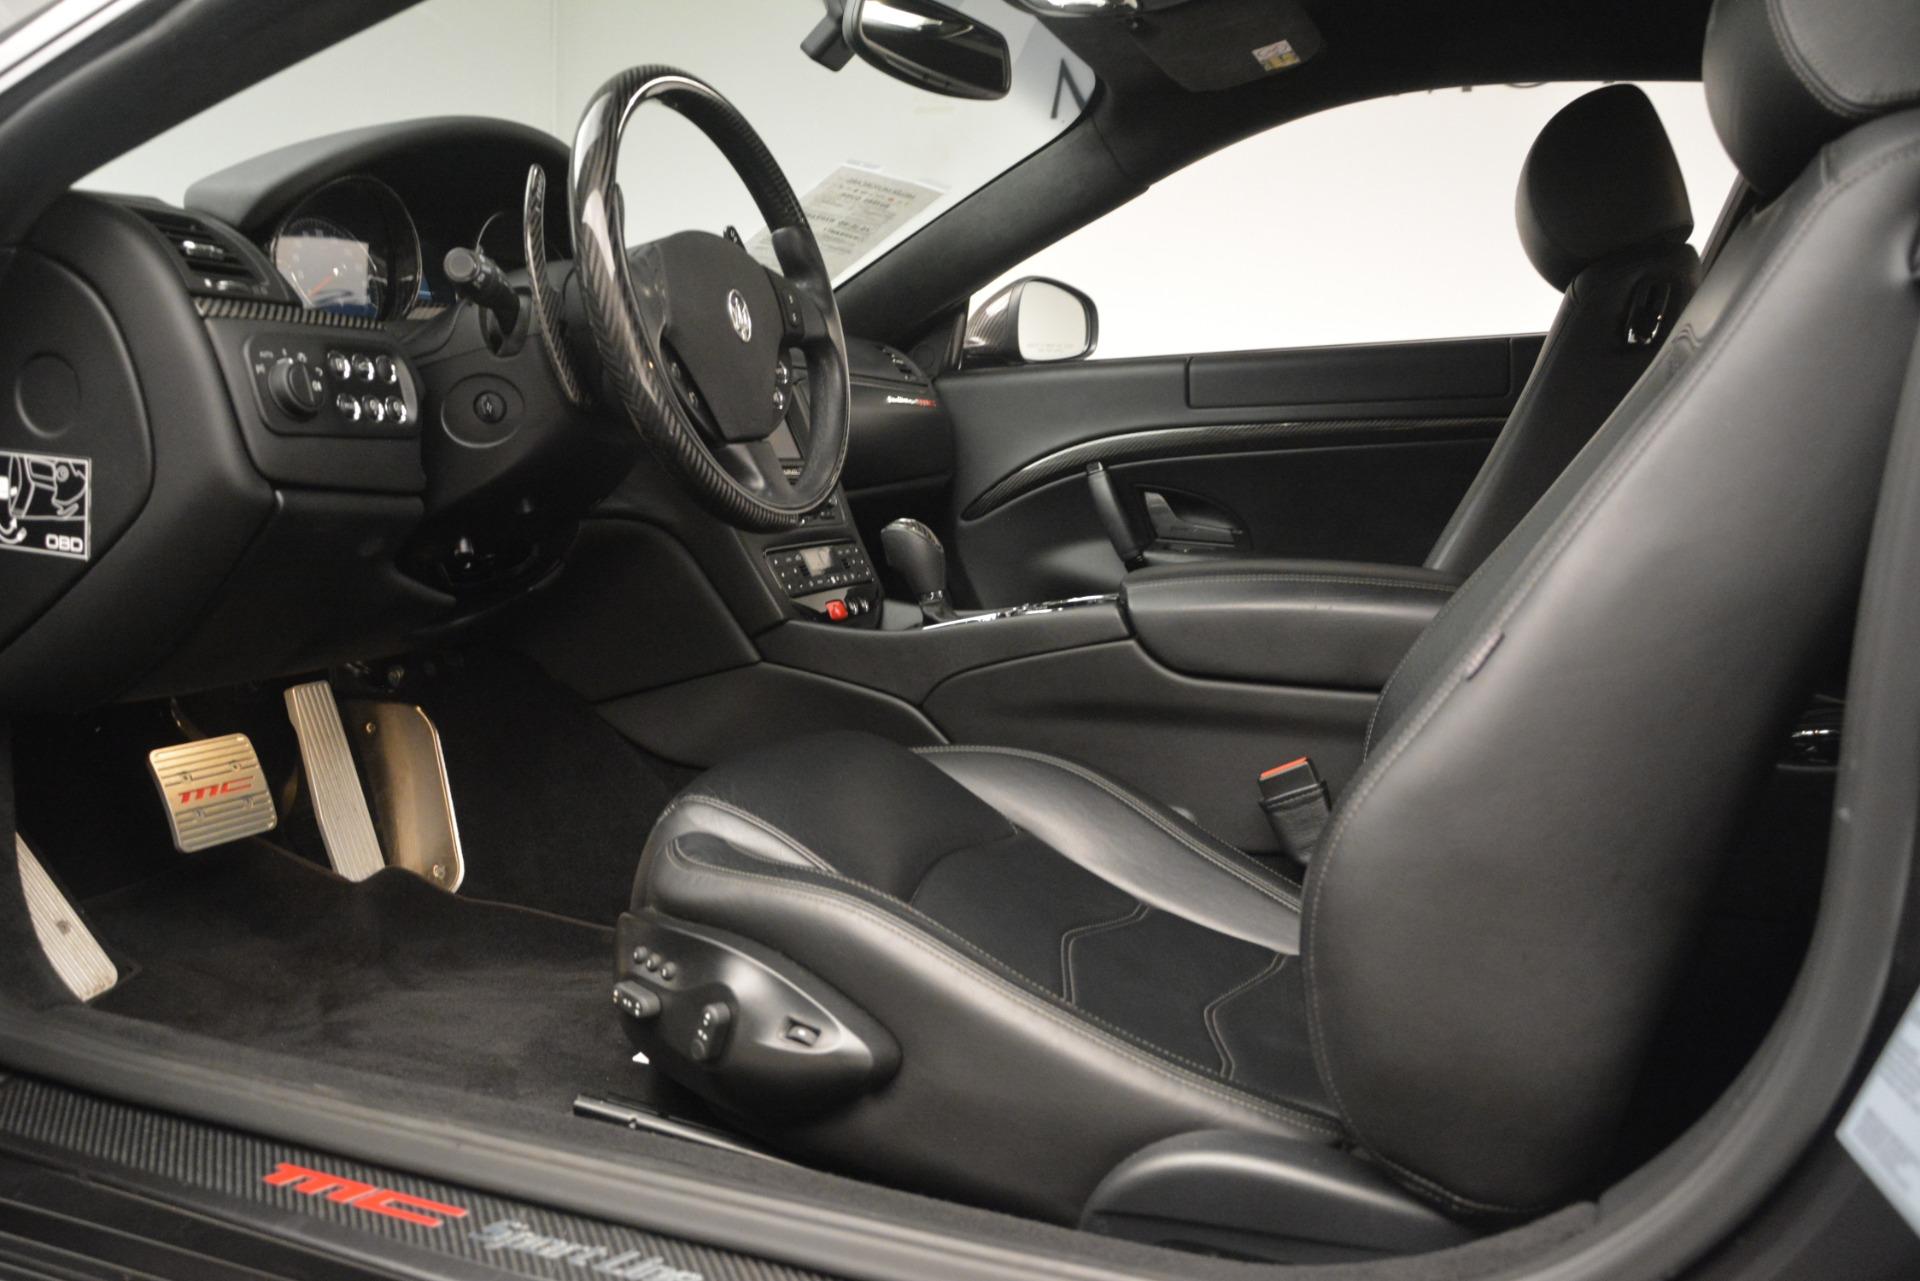 Used 2012 Maserati GranTurismo MC For Sale In Westport, CT 1284_p14